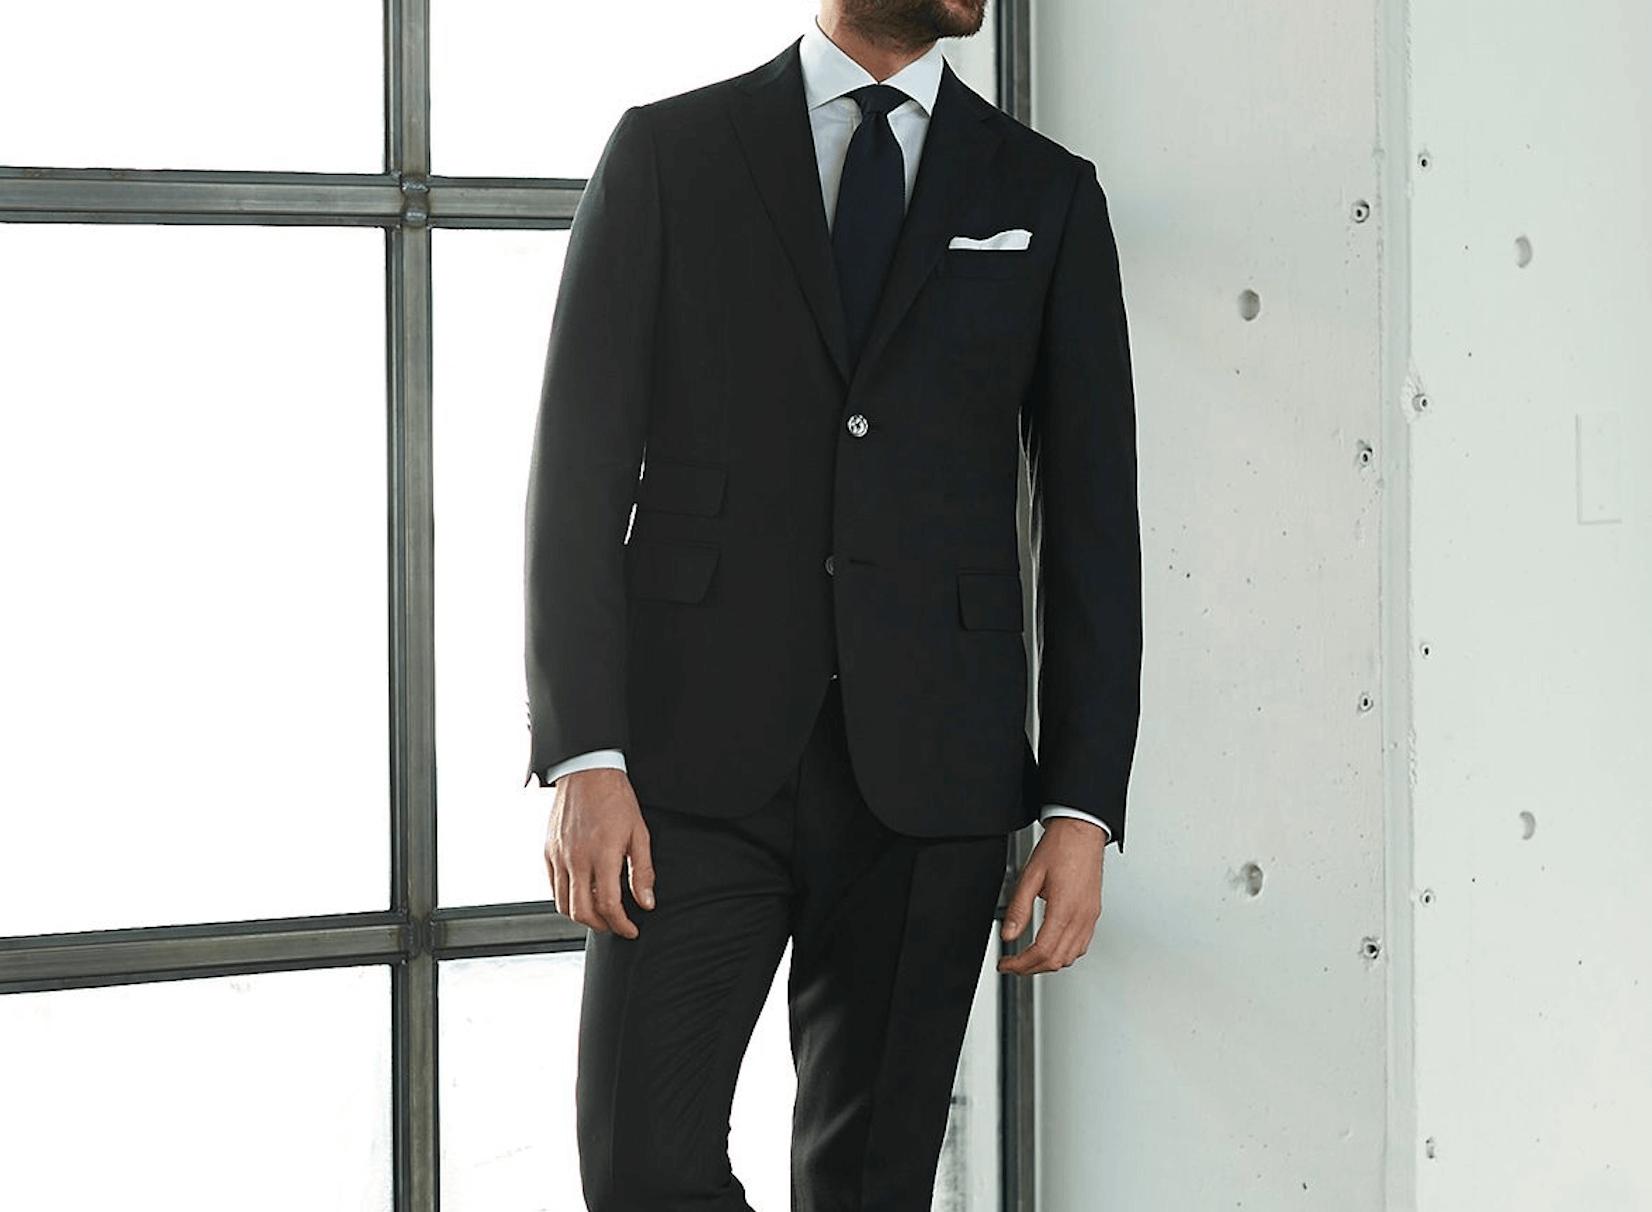 ブラックスーツでメンズに人気は?人気のブランドやおすすめのおしゃれなブラックスーツも紹介!